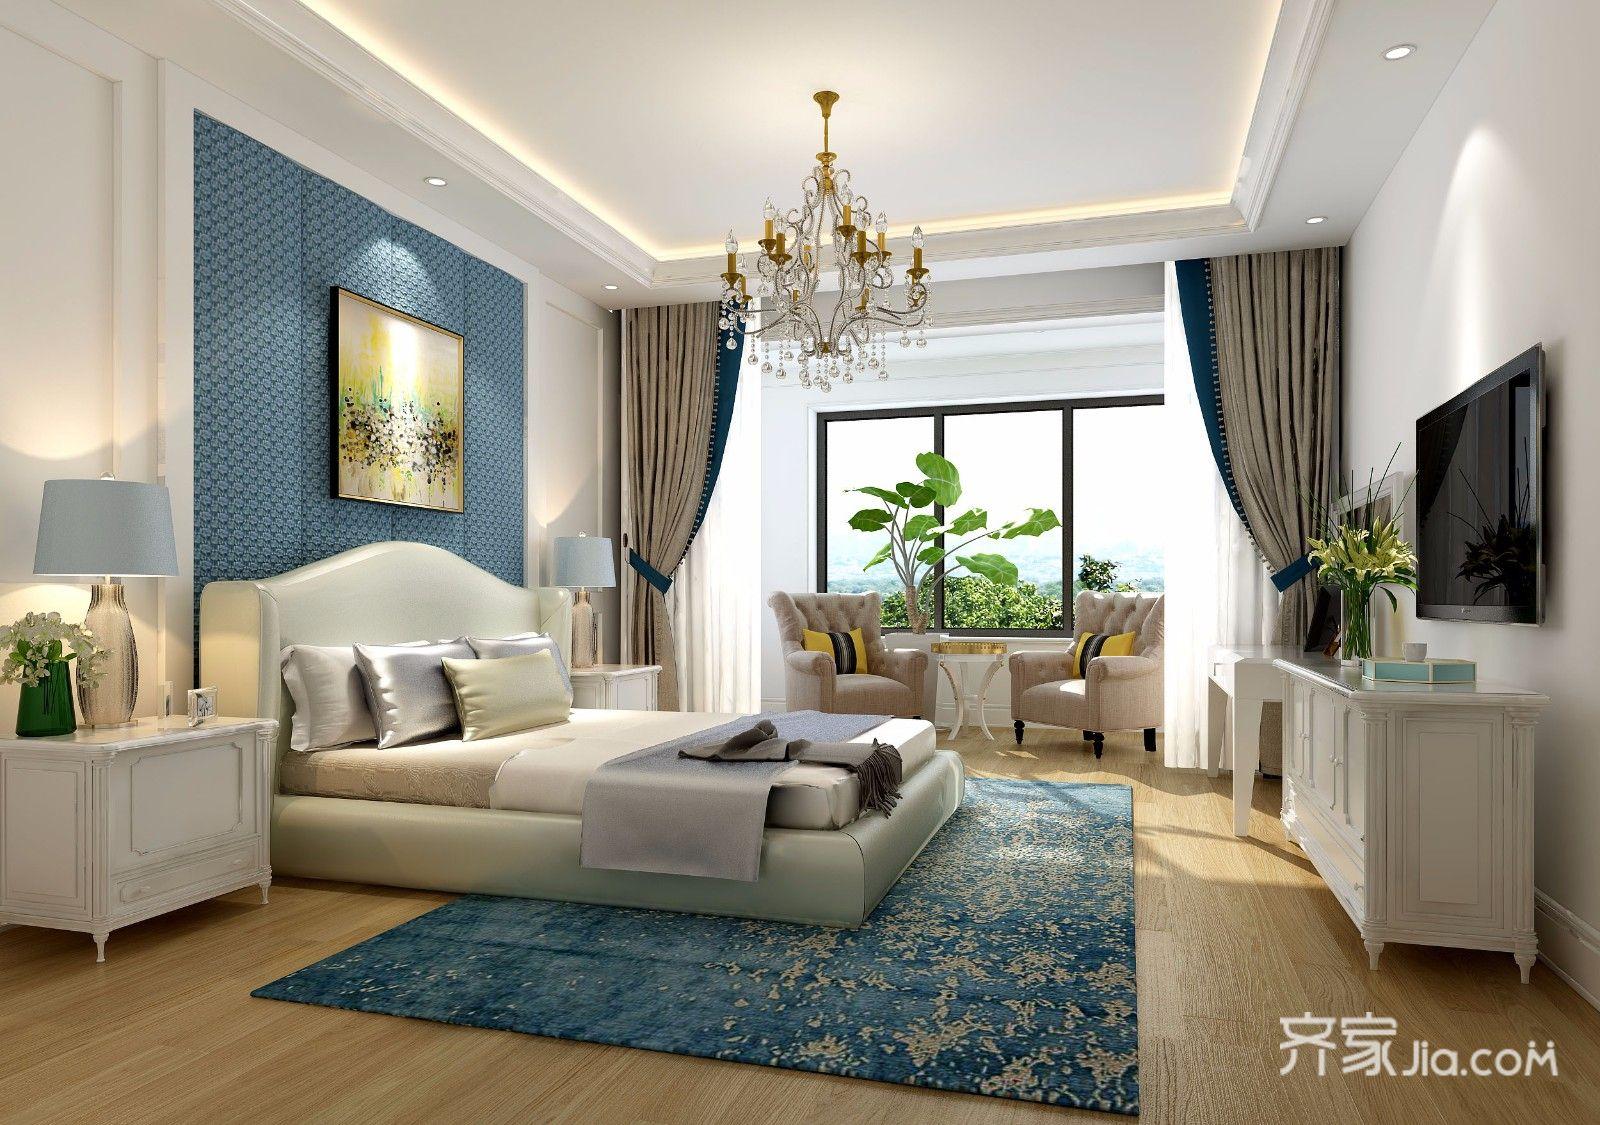 装修设计 运城装修 运城装修案例 地中海风格   三个卧室一个书房,两